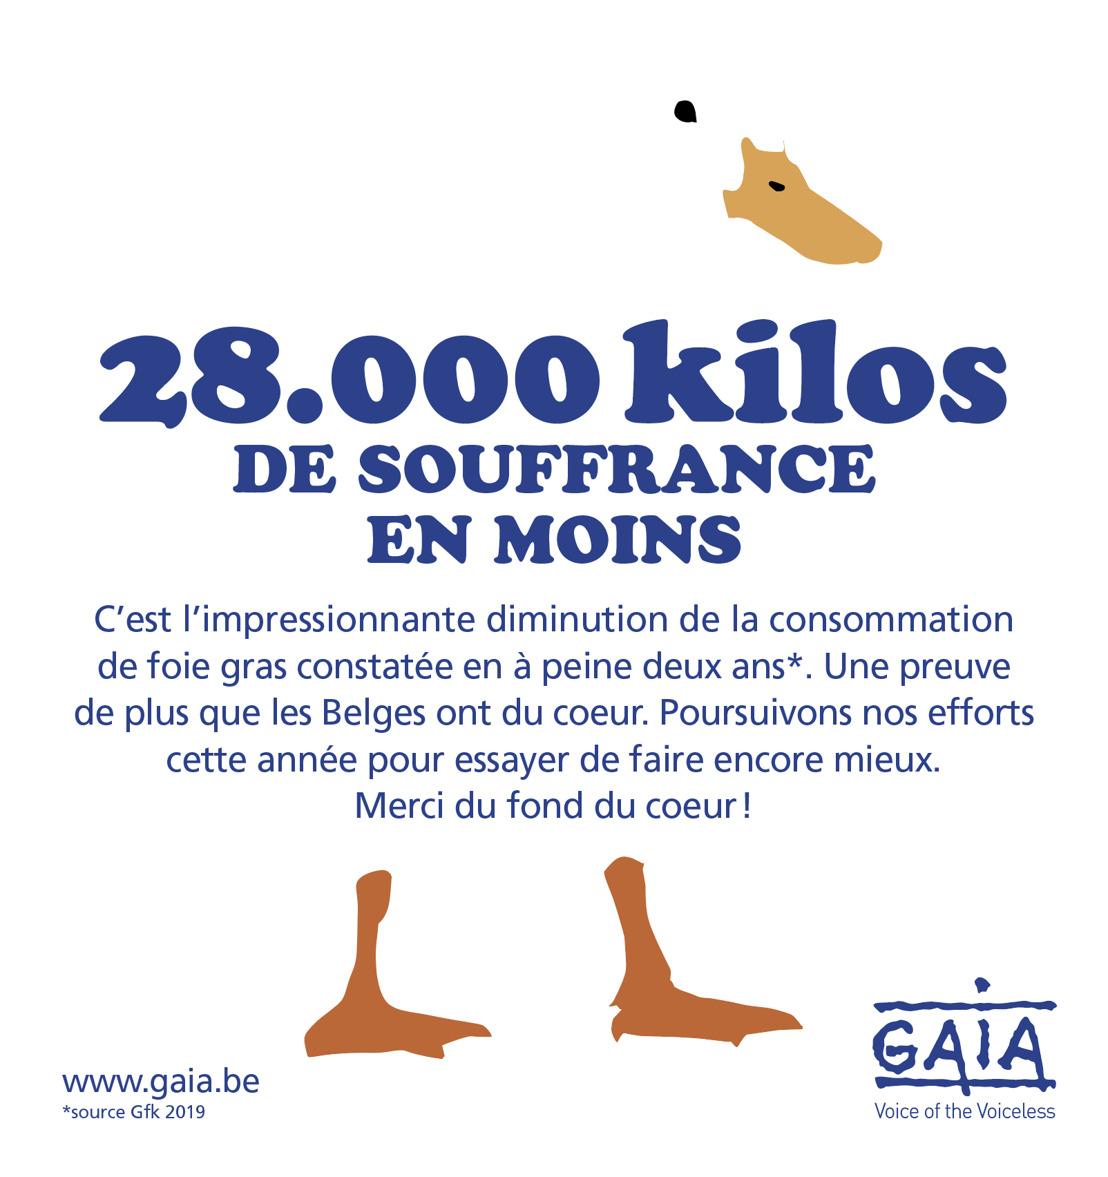 TENDANCE BAISSIÈRE POUR LE FOIE GRAS : EN DEUX ANS, LES BELGES EN ONT MANGÉ 28.000 KG DE MOINS